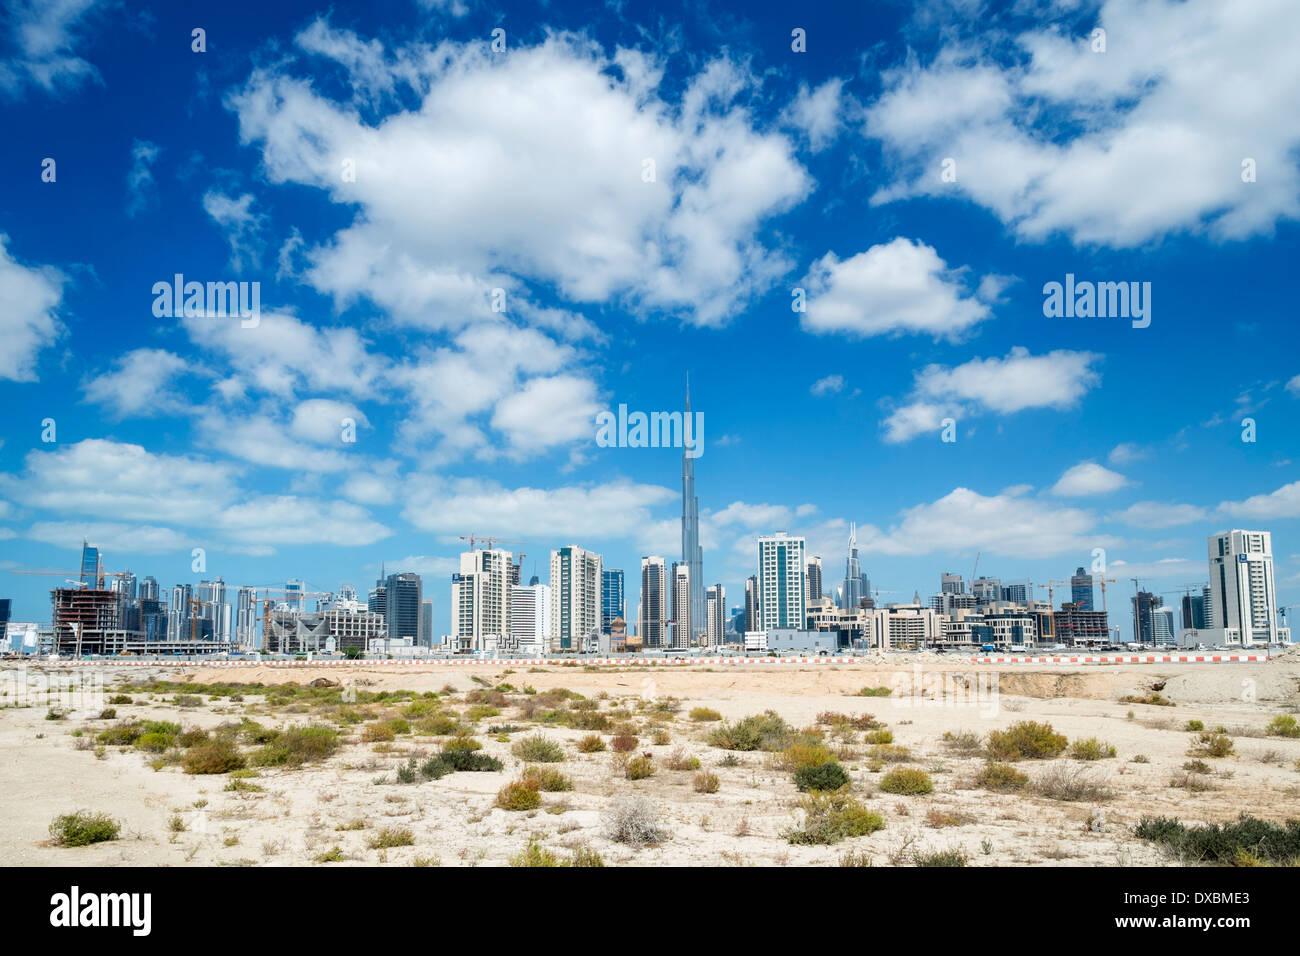 Skyline von Dubai aus der Wüste in Vereinigte Arabische Emirate Stockfoto